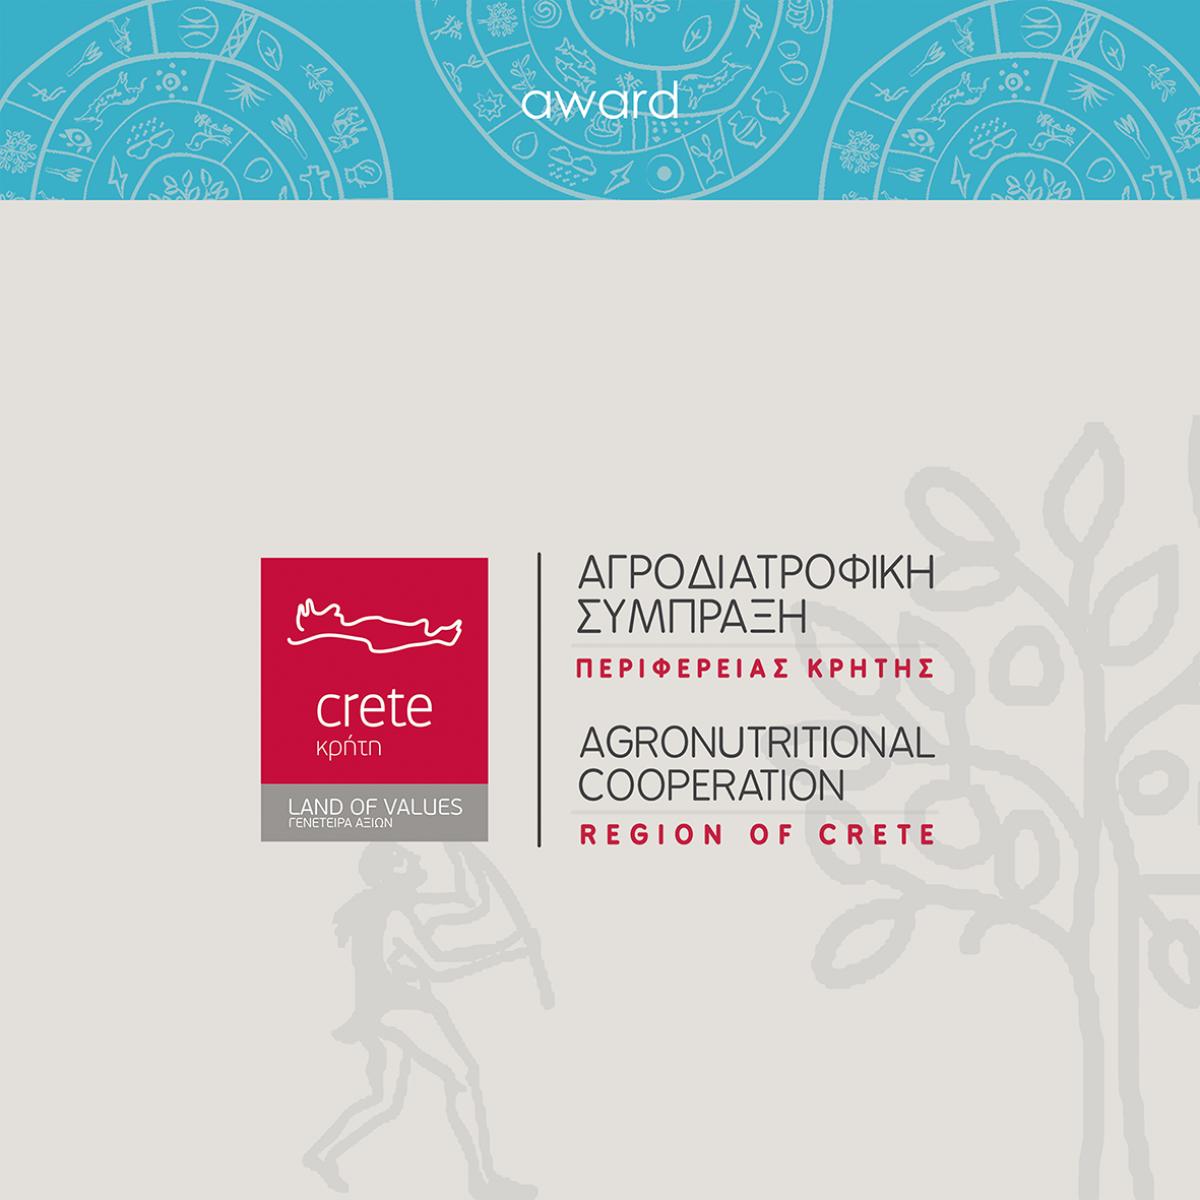 Απονομή σήματος Κρήτη